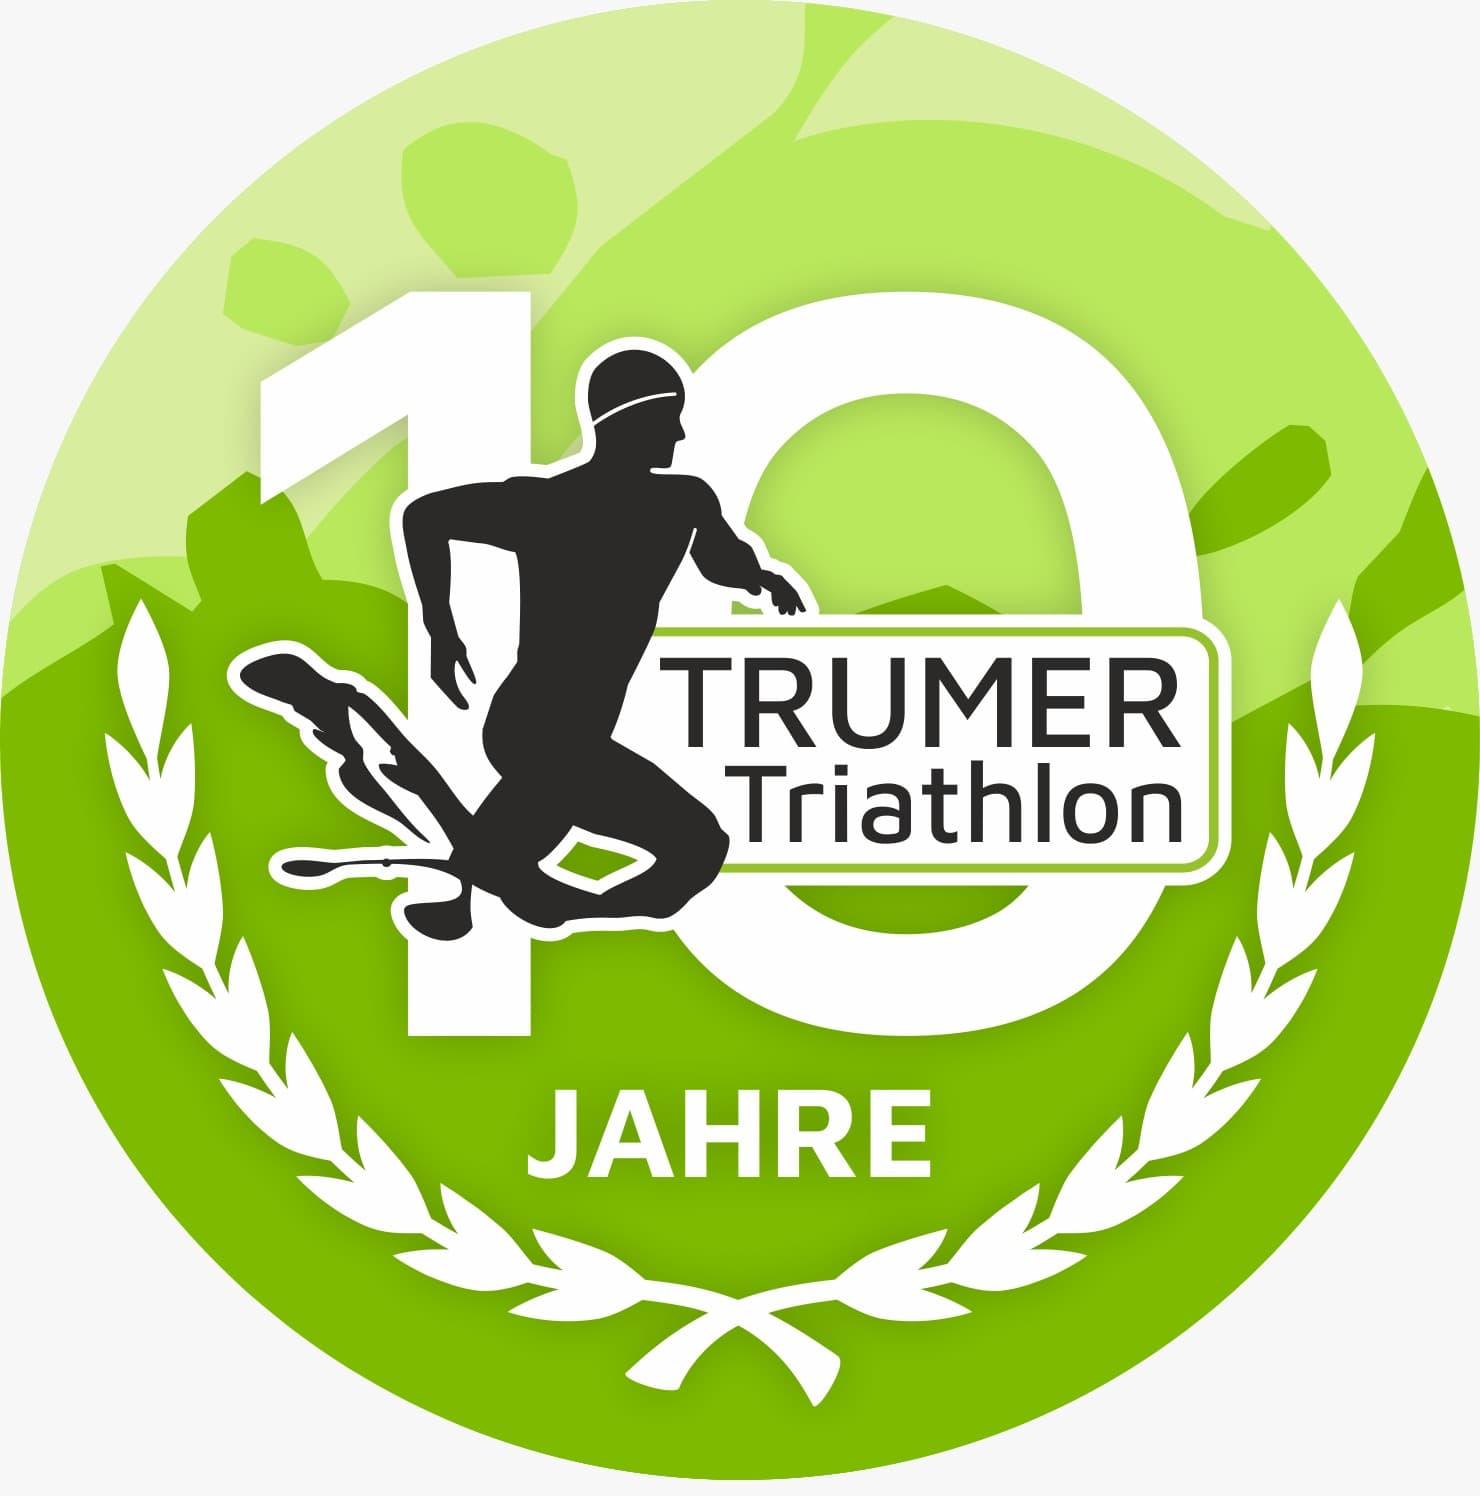 Jubiläumsteilnehmer des Trumer Triathlons gesucht